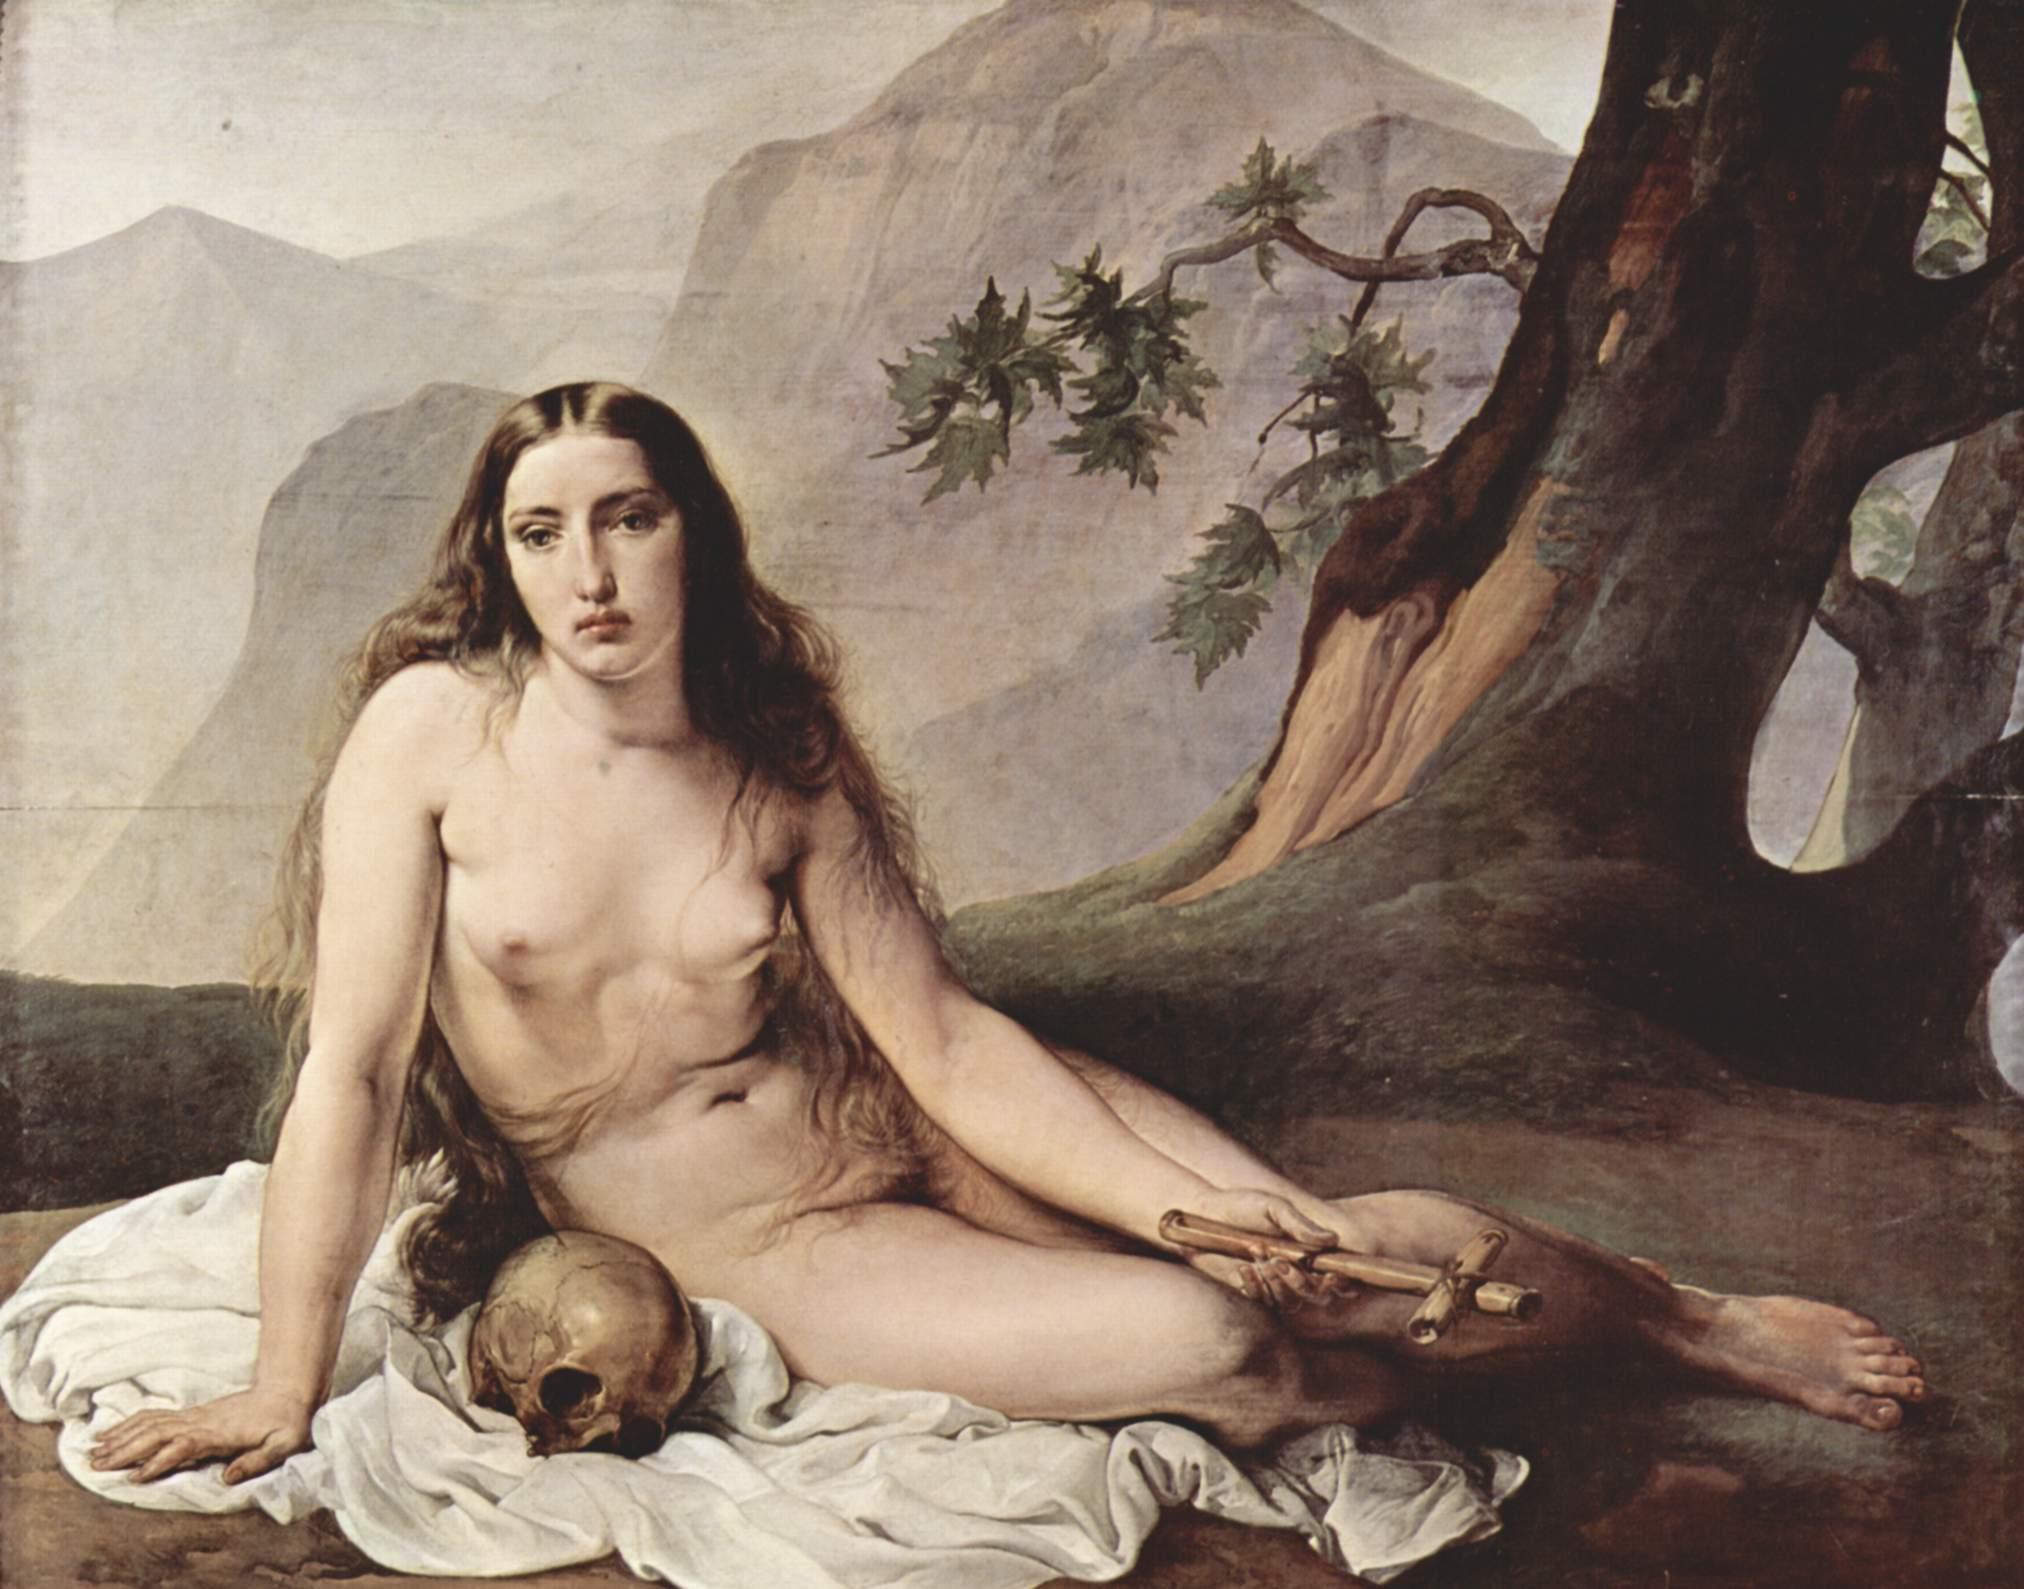 http://uploads5.wikipaintings.org/images/francesco-hayez/penitent-mary-magdalene-1825.jpg